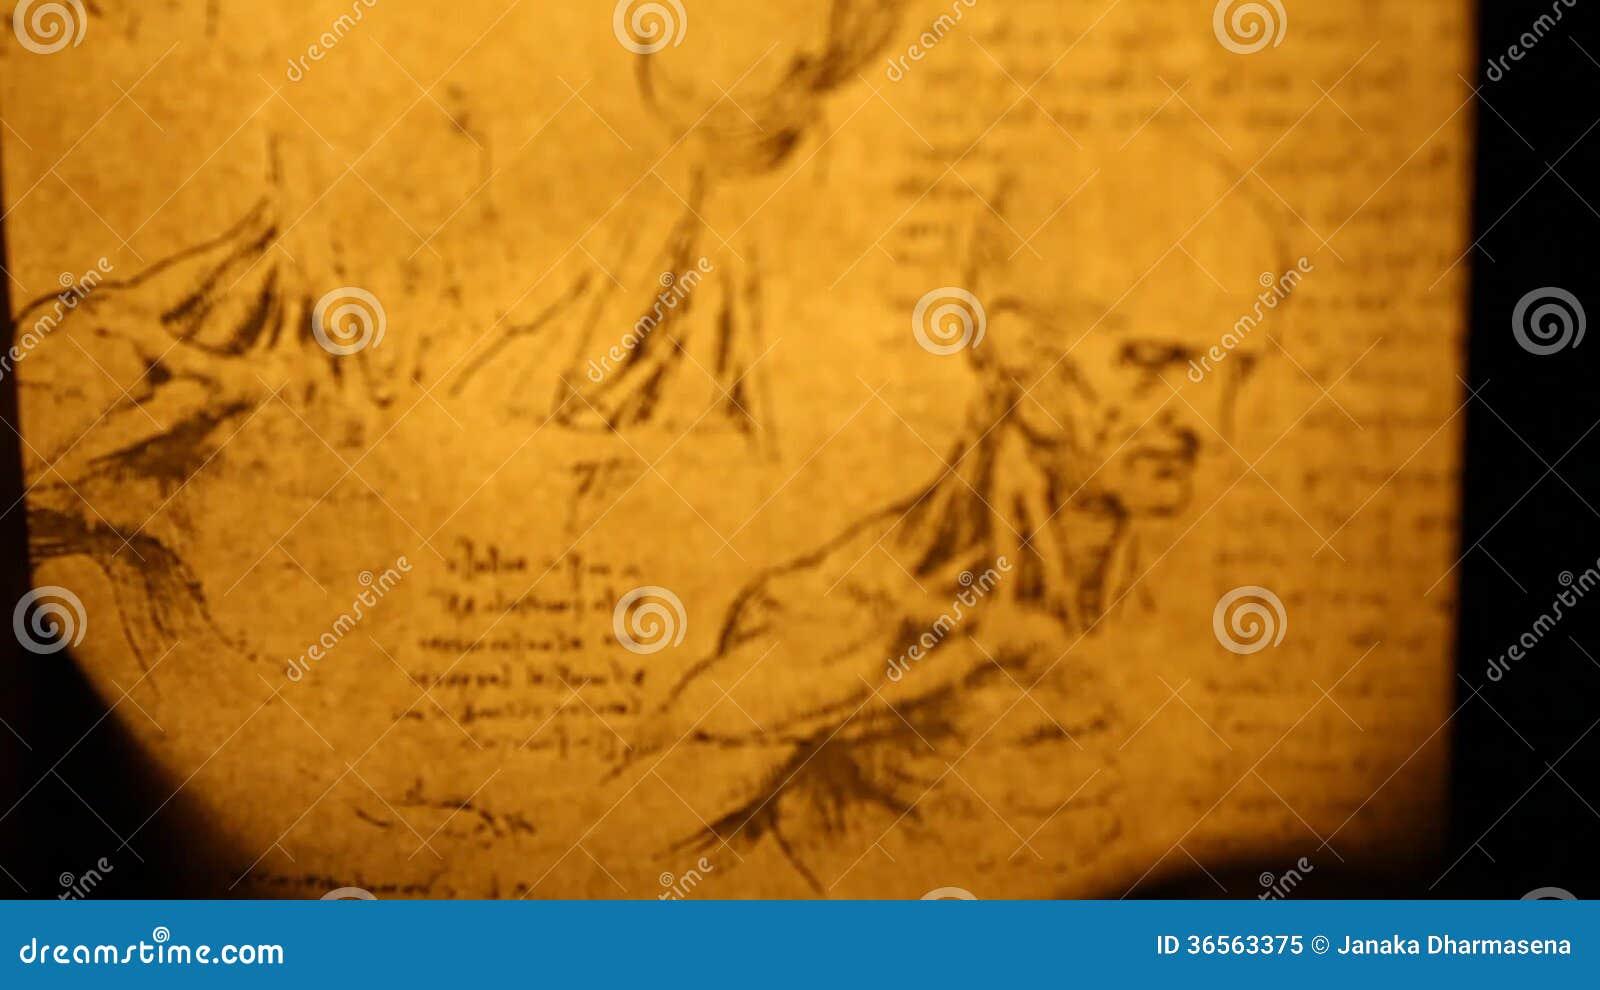 Leonardo da Vinci-Anatomie stock video footage. Bild von anatomie ...